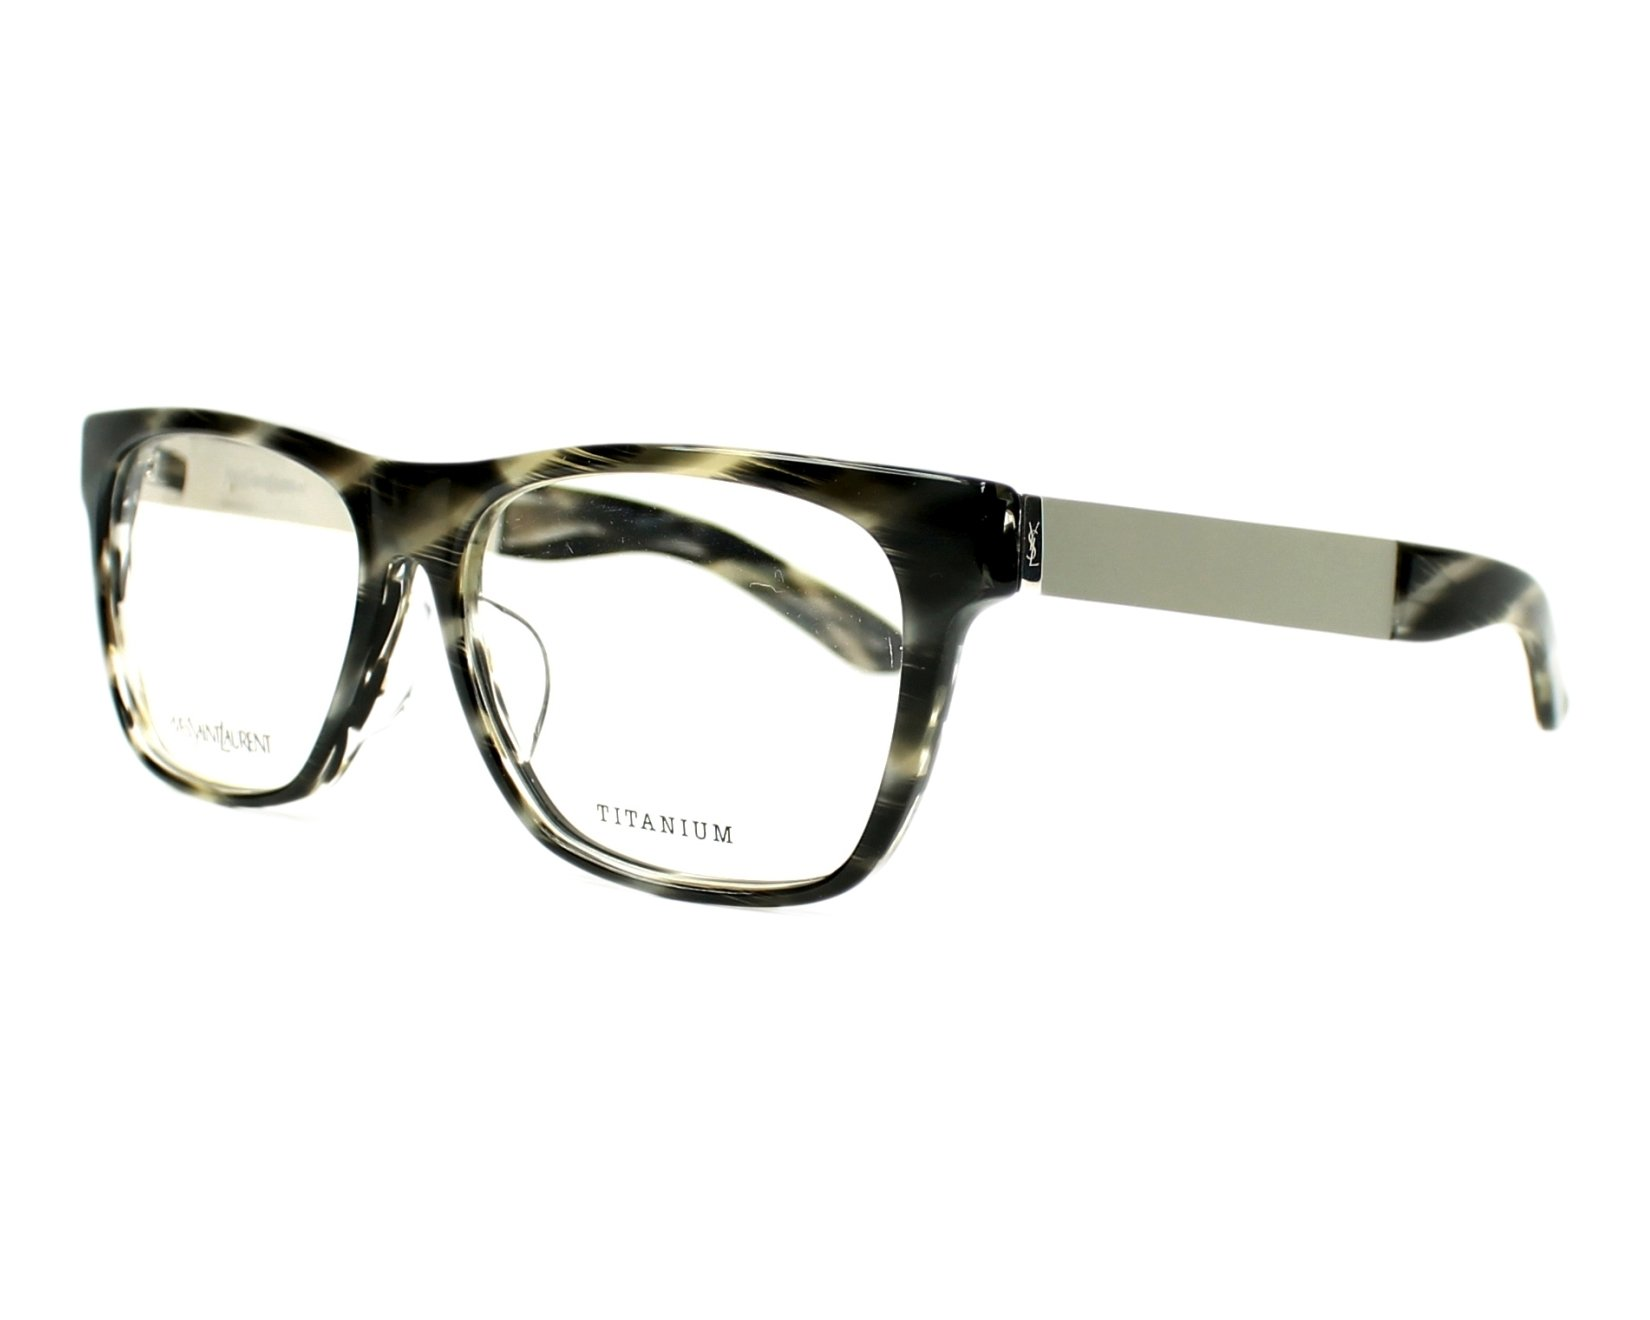 lunettes de vue yves saint laurent ysl 4023 j 8ln noir. Black Bedroom Furniture Sets. Home Design Ideas